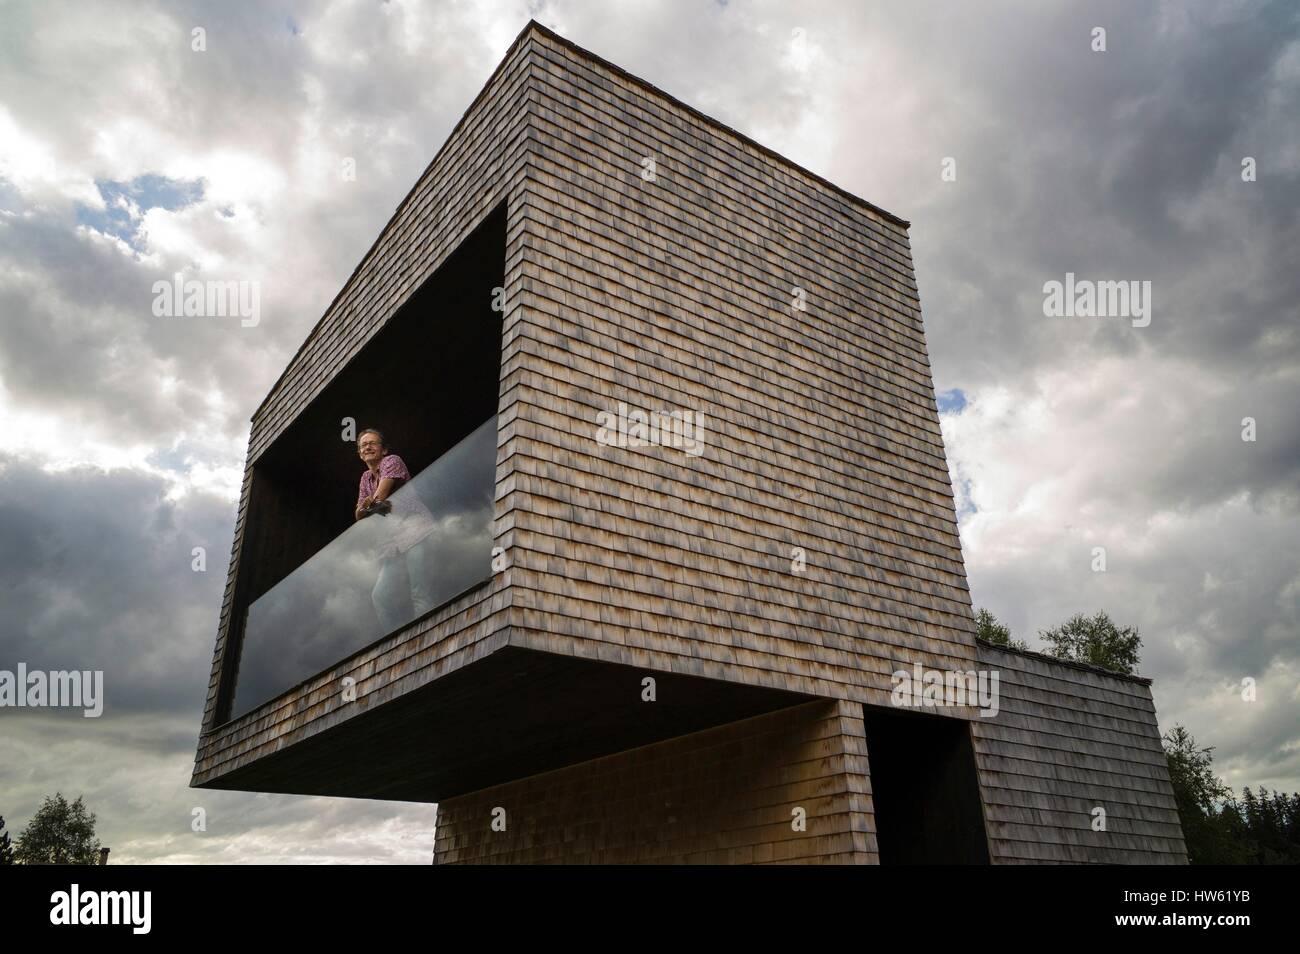 sterreich vorarlberg bregenzerwald krumbach wettbewerb f r architektur und design von bus. Black Bedroom Furniture Sets. Home Design Ideas